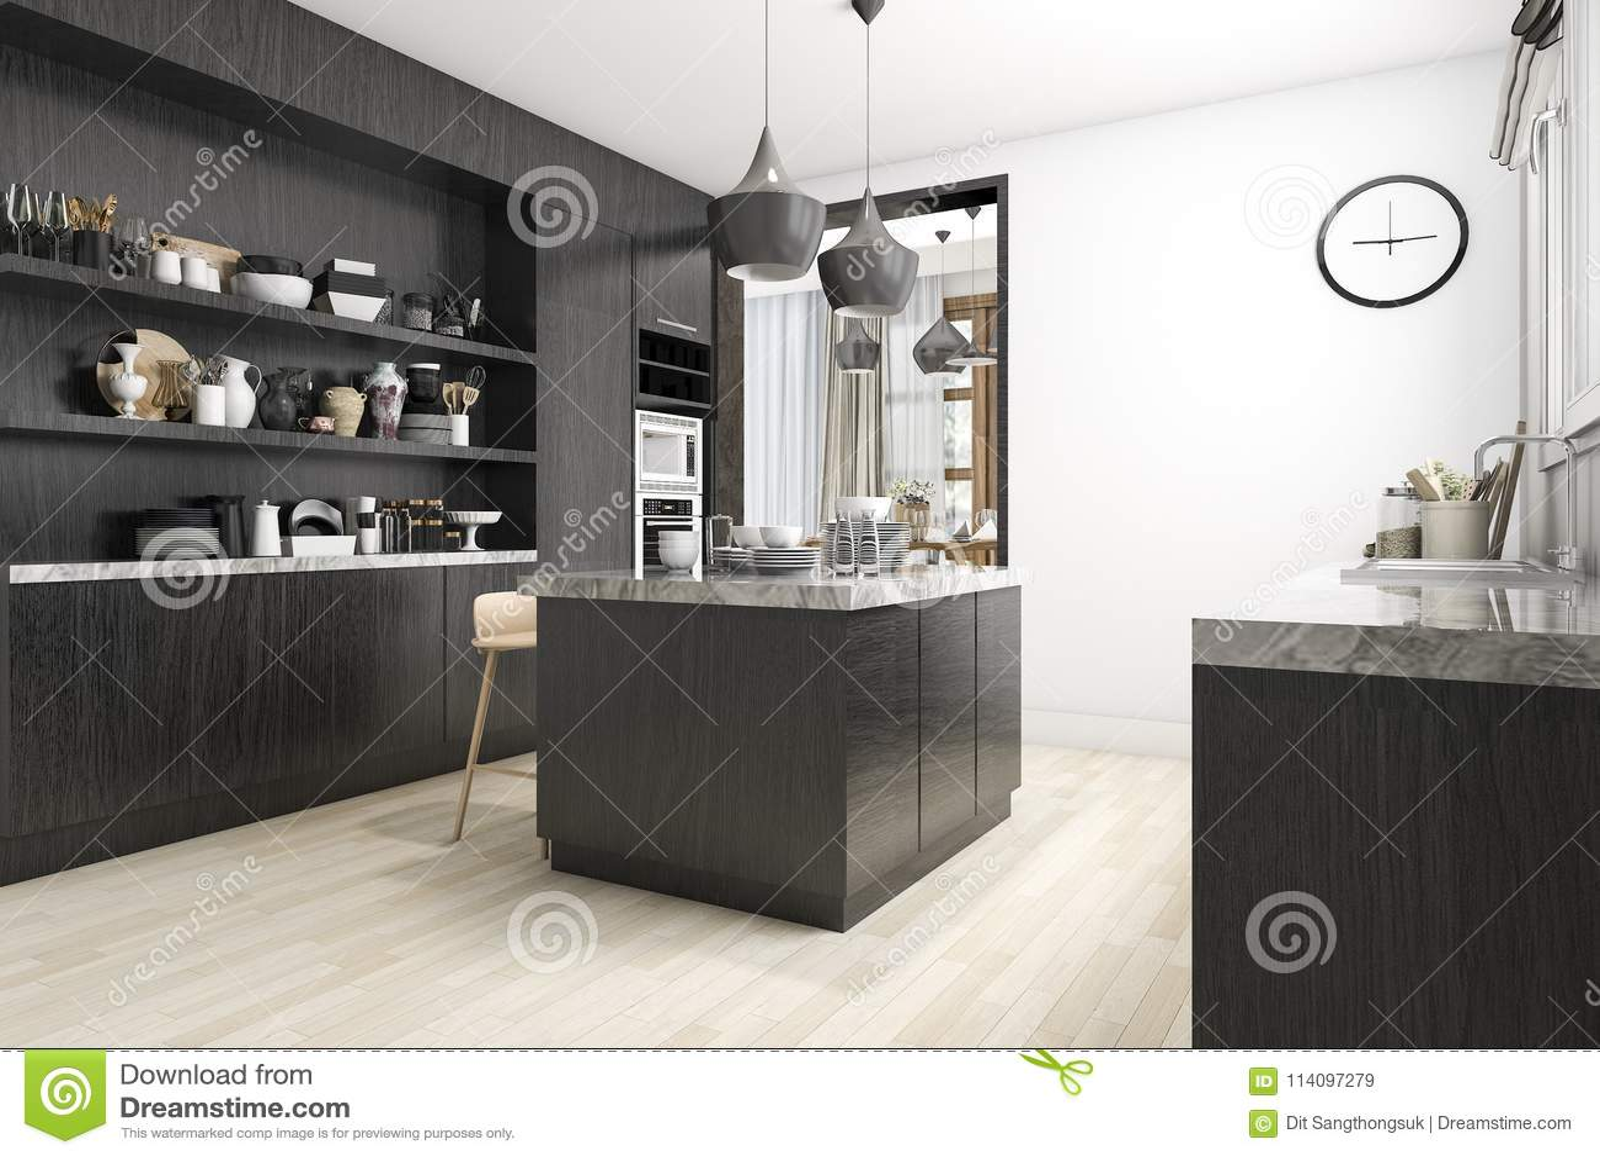 Keuken Interieur Scandinavisch : D het teruggeven skandinavische keuken met wit en zwart ontwerp